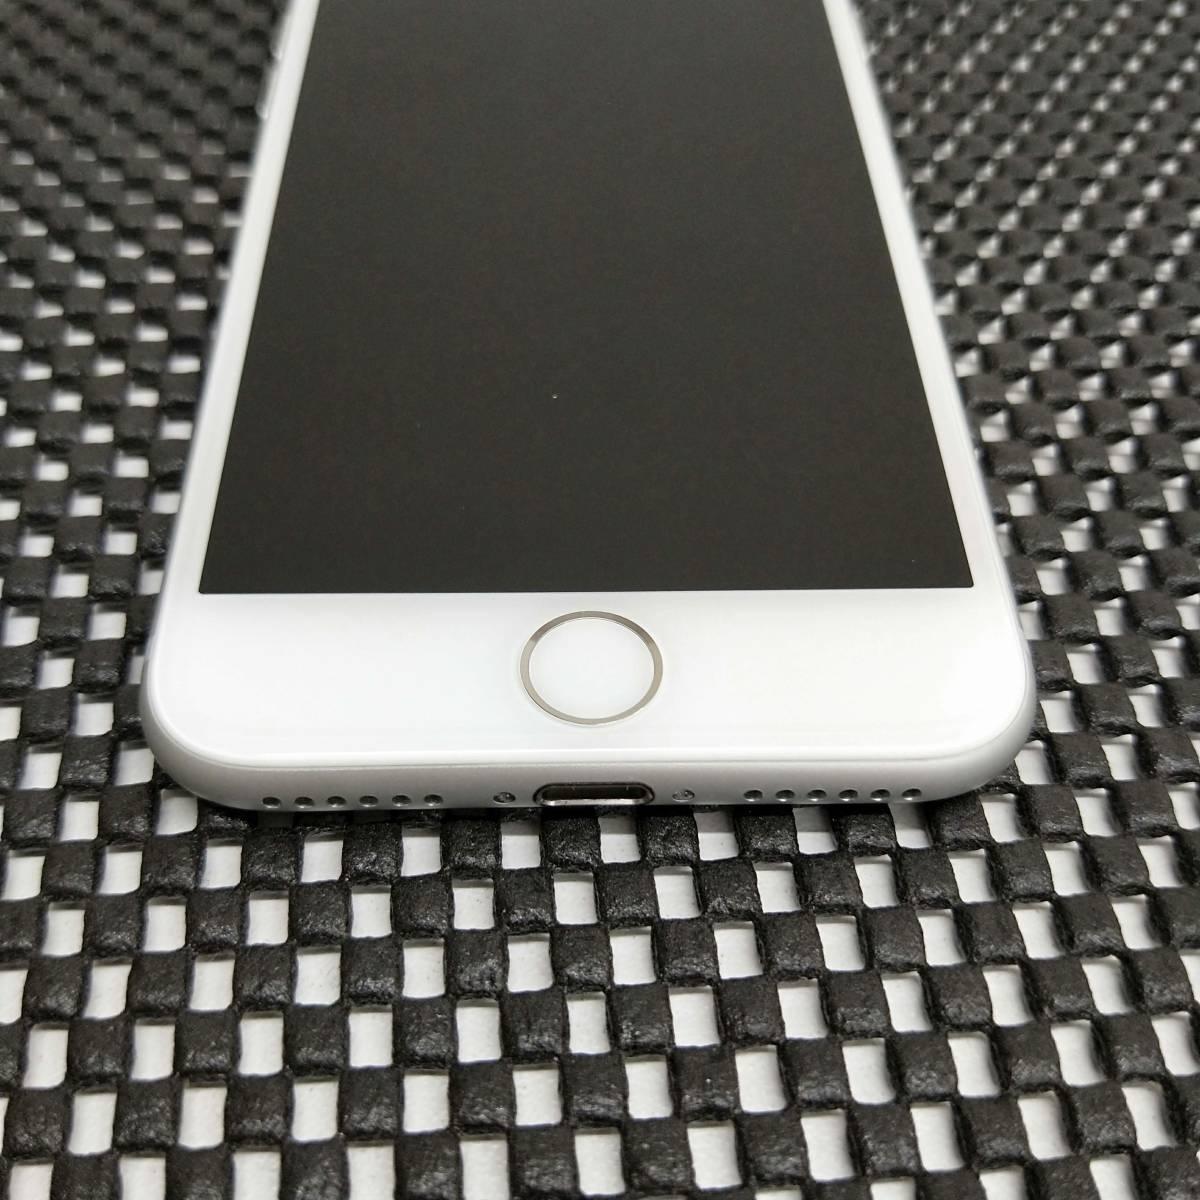 【未使用品】SB版 iPhone 7 32GB Silver <本体のみ> #063_画像3